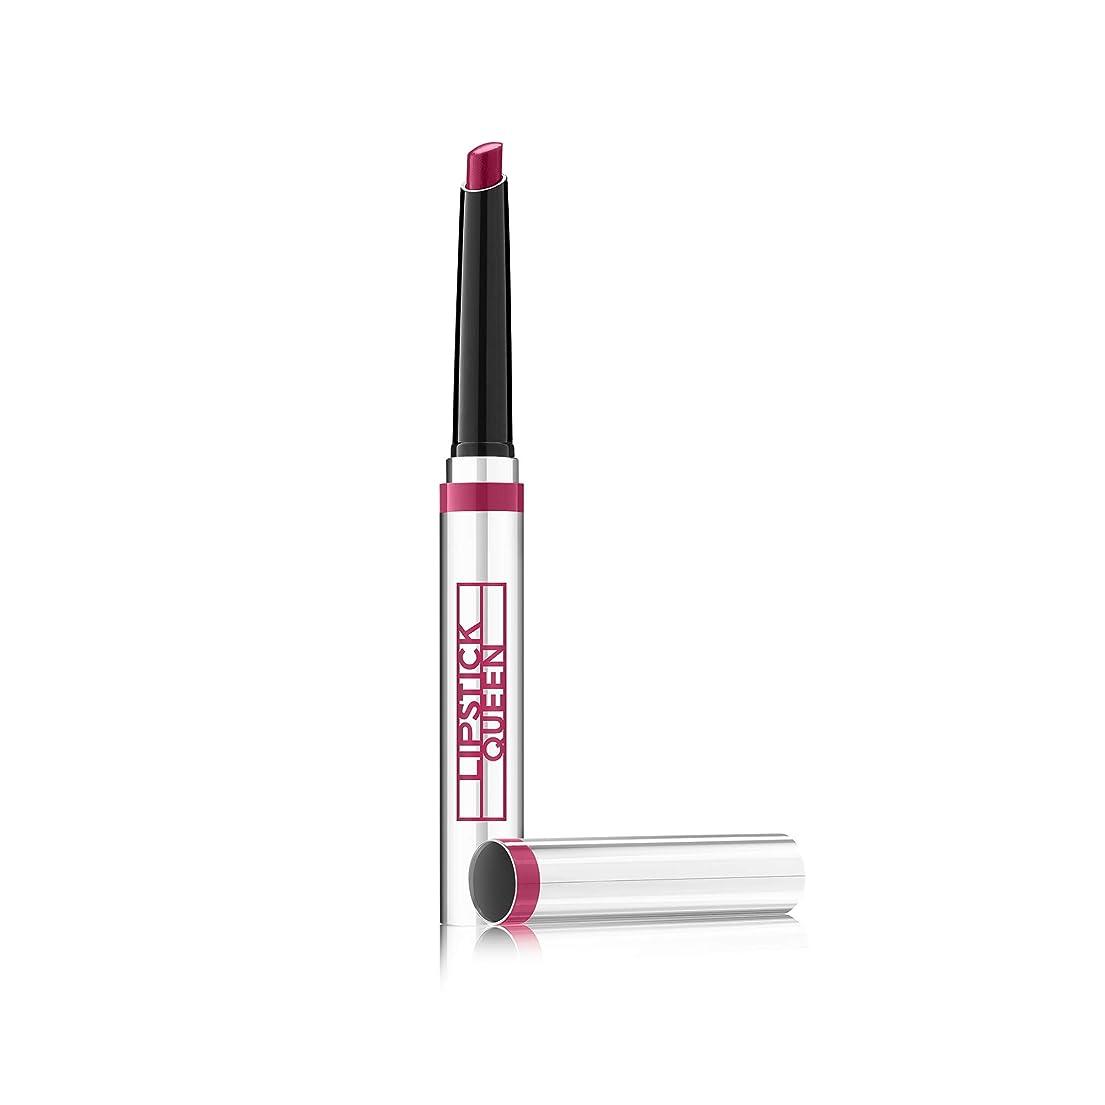 パッド水没エンターテインメントリップスティック クィーン Rear View Mirror Lip Lacquer - # Thunder Rose (A Warm Lively Pink) 1.3g/0.04oz並行輸入品